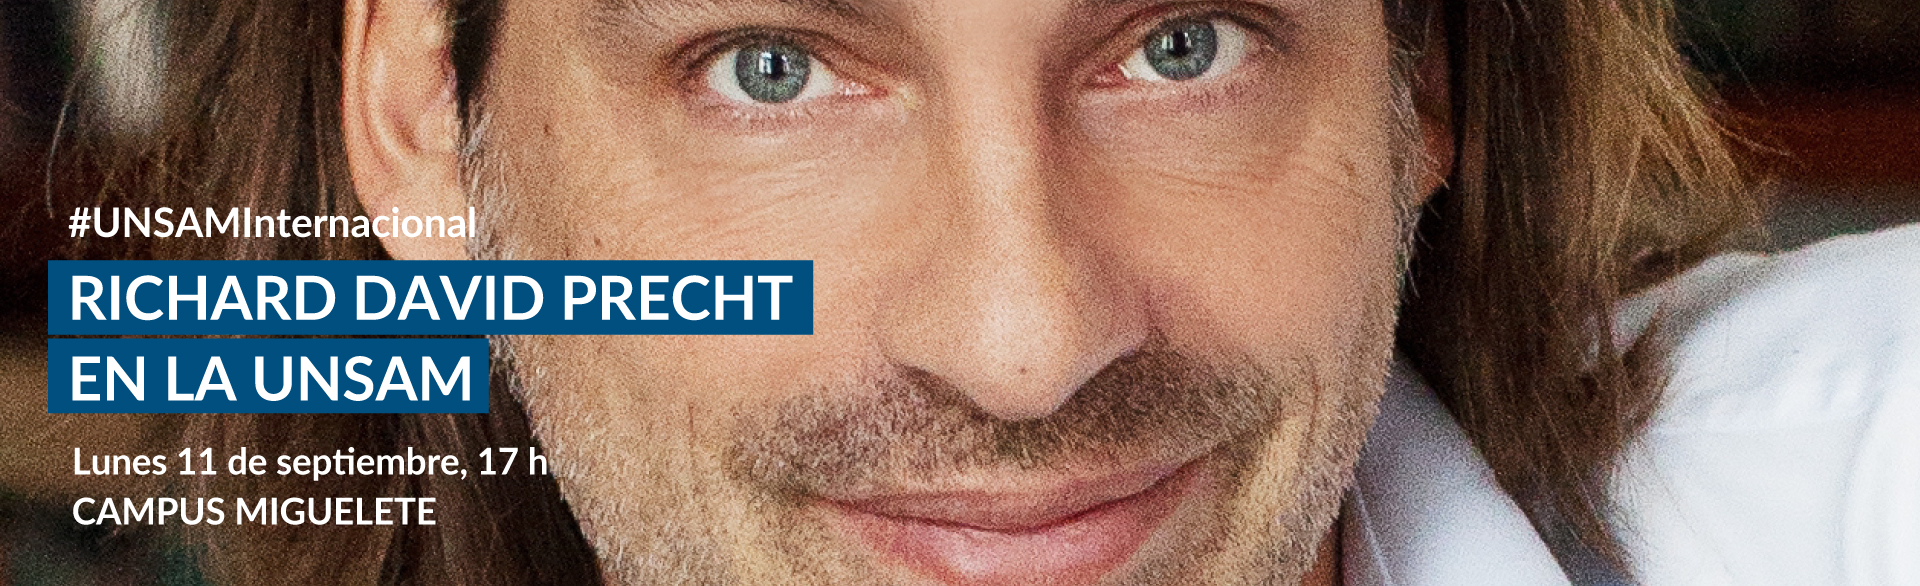 Richard Precht en la UNSAM